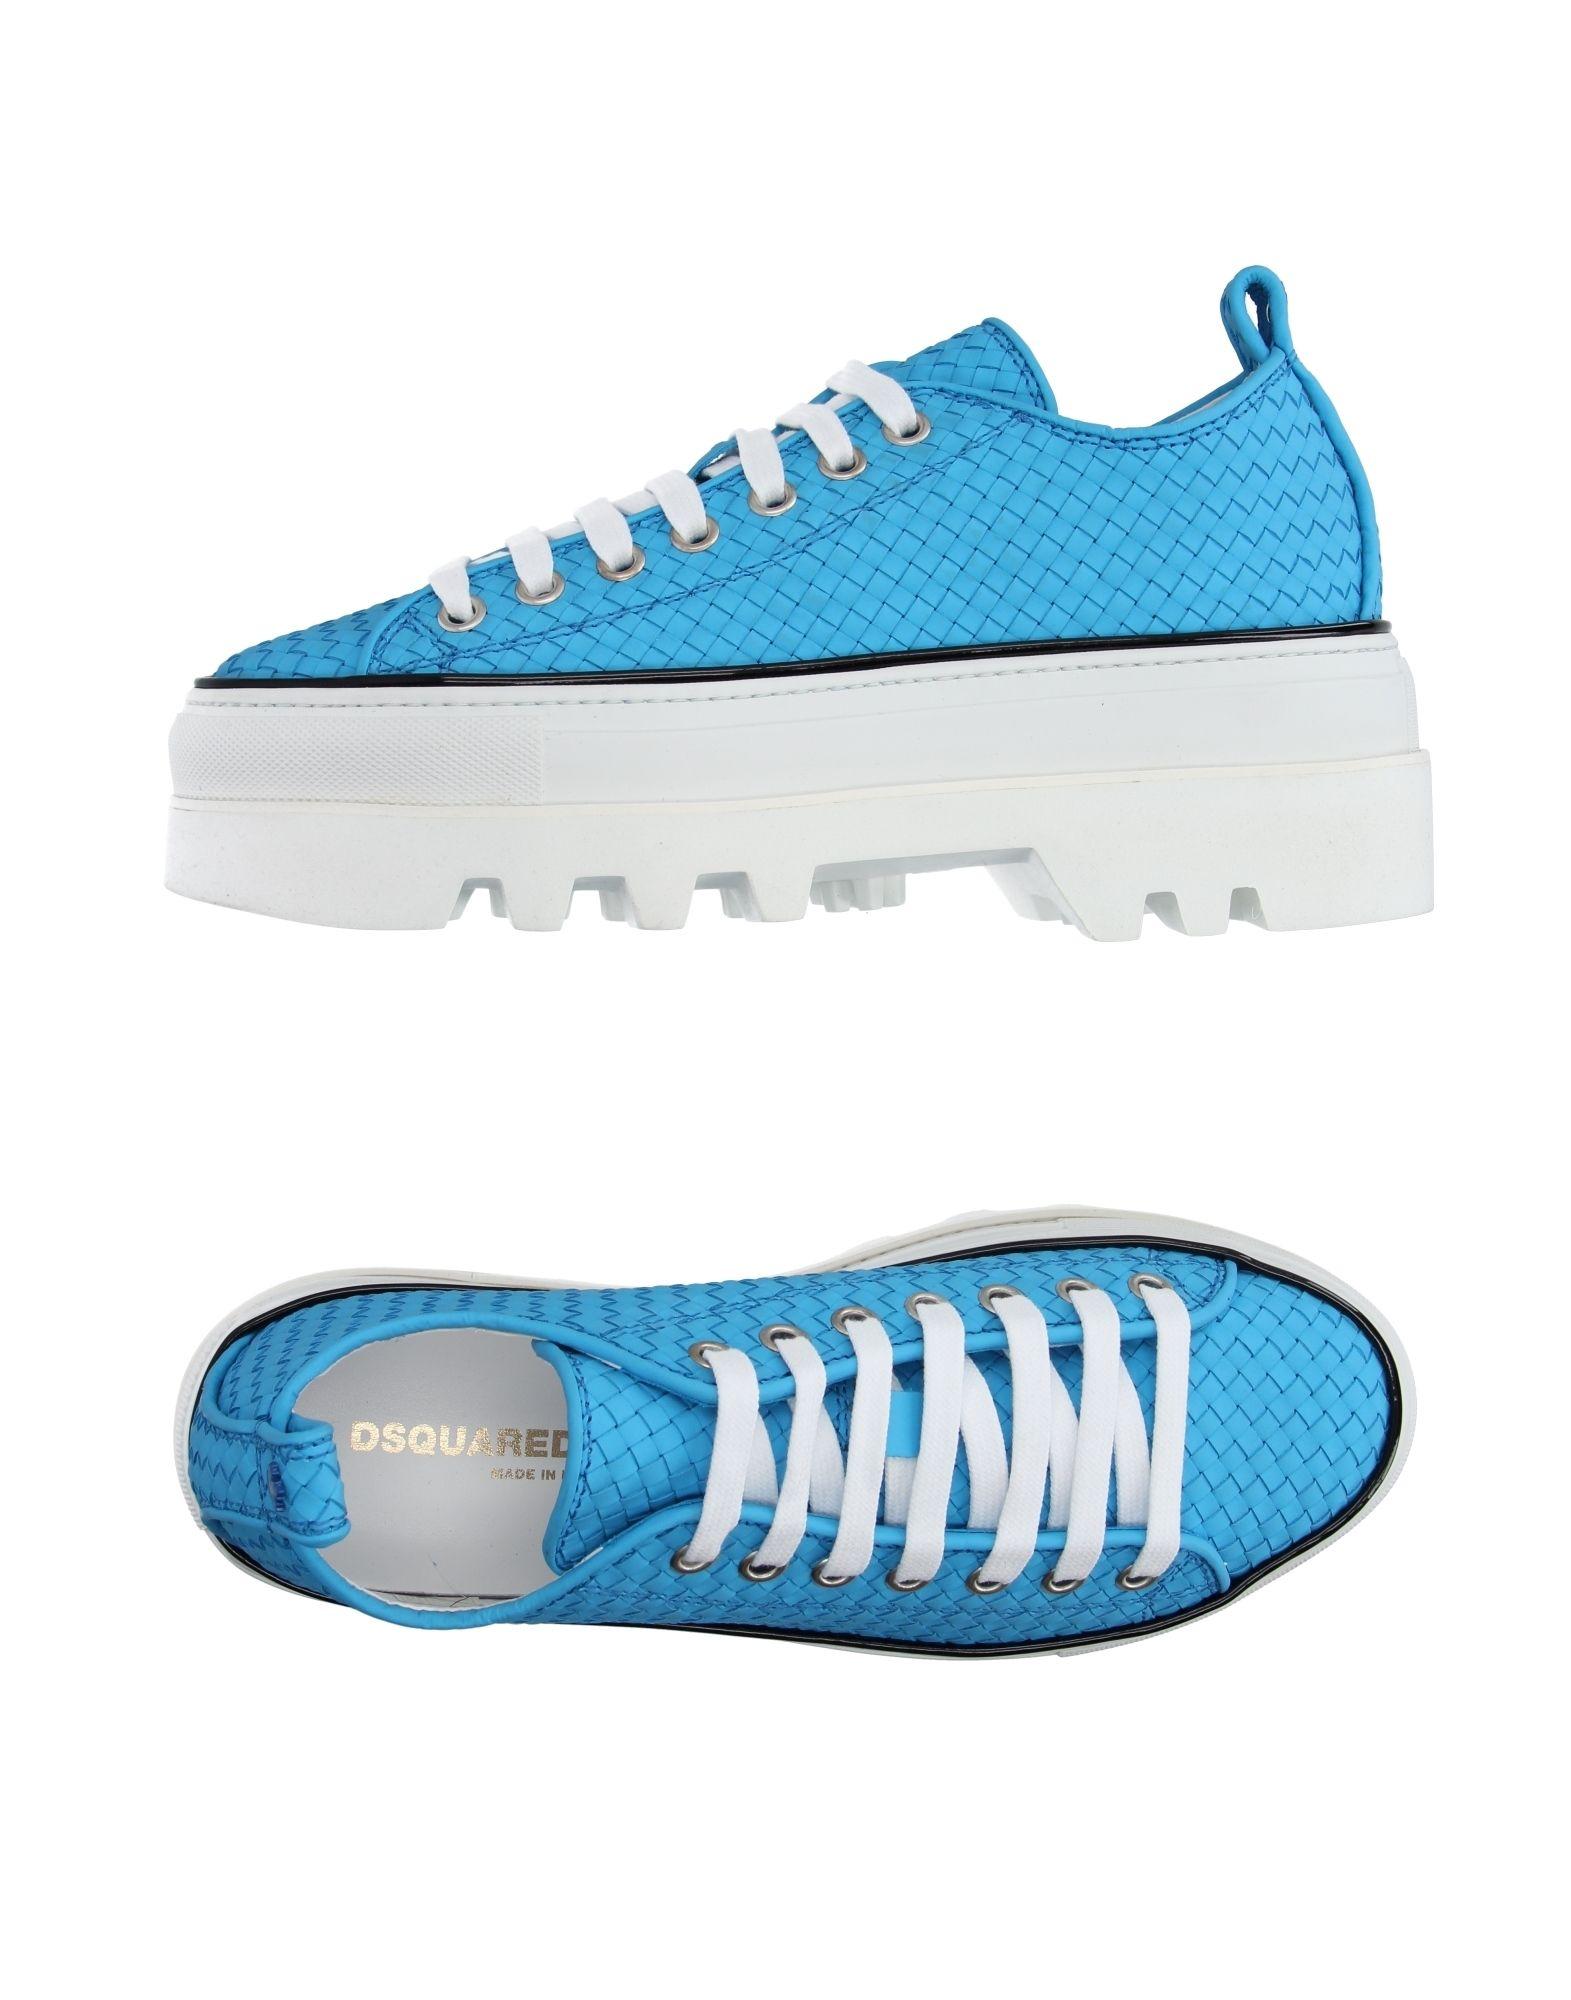 Dsquared2 Sneakers Herren Herren Sneakers  11067394DI f3d187